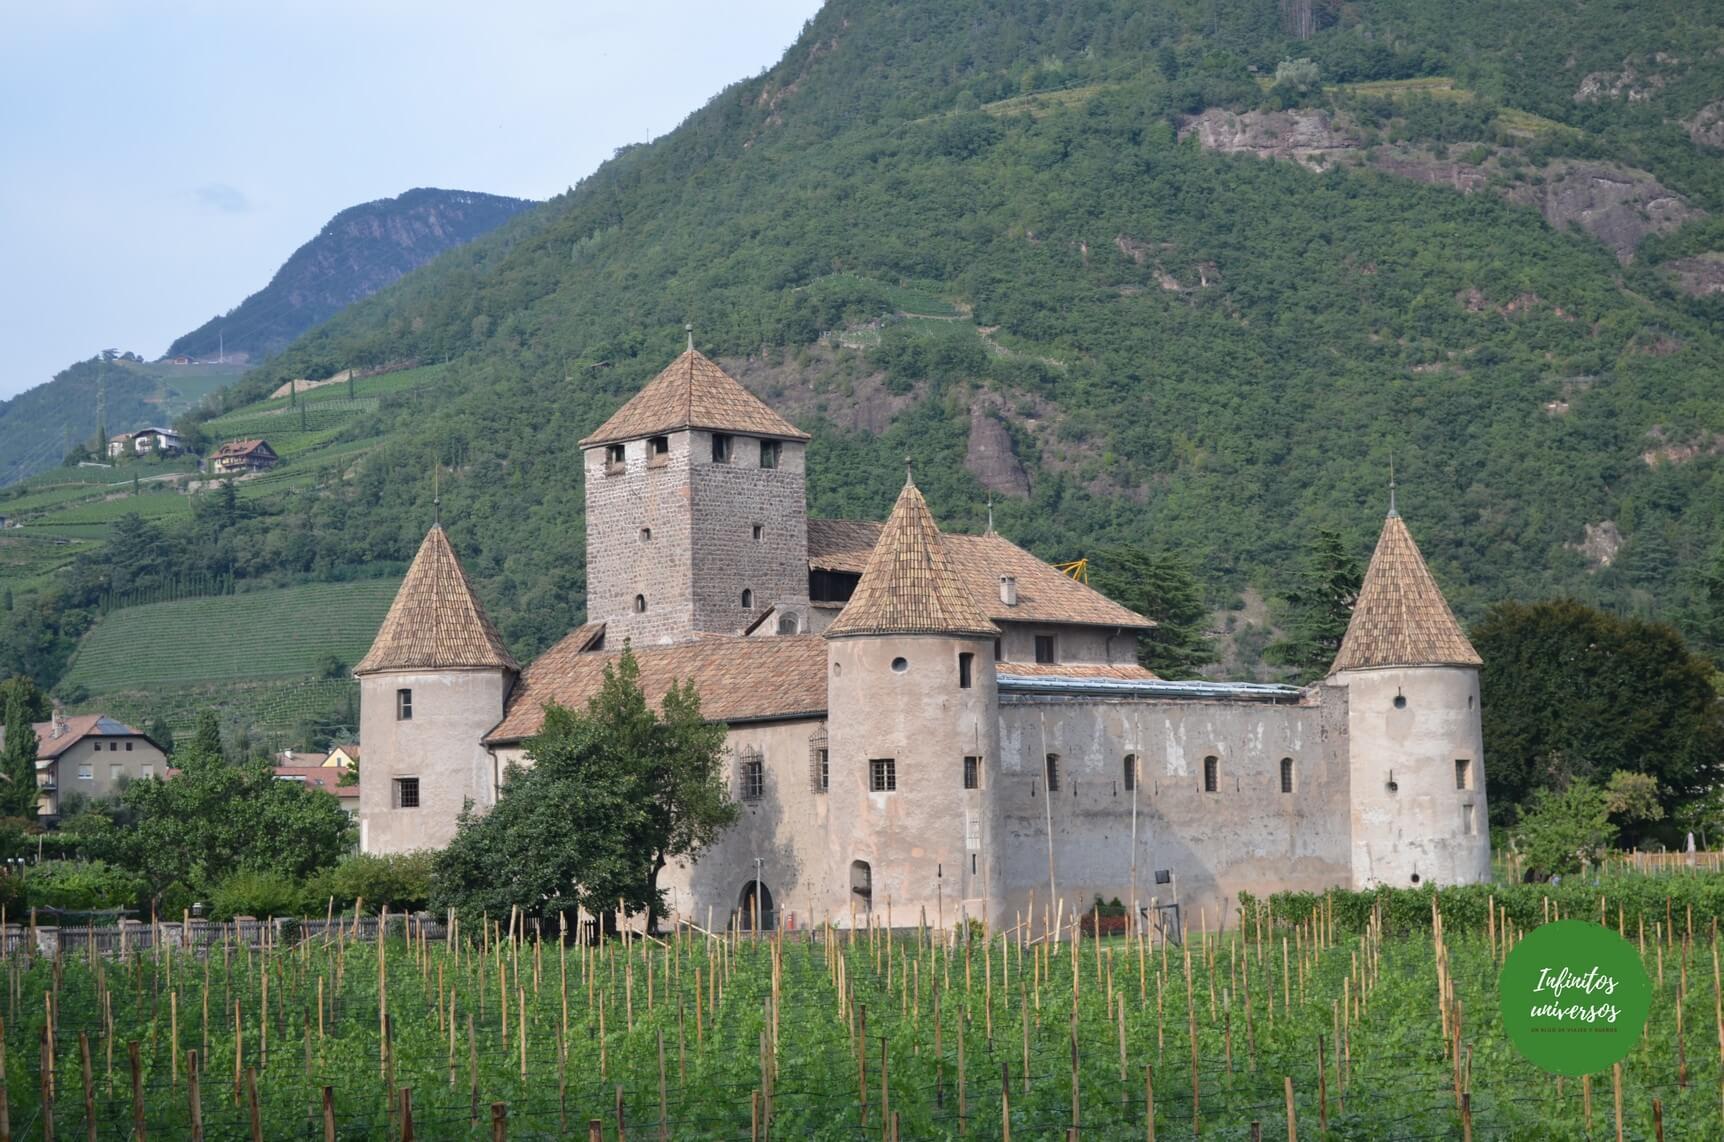 Qué ver en Bolzano (Italia): Visitas imprescindibles